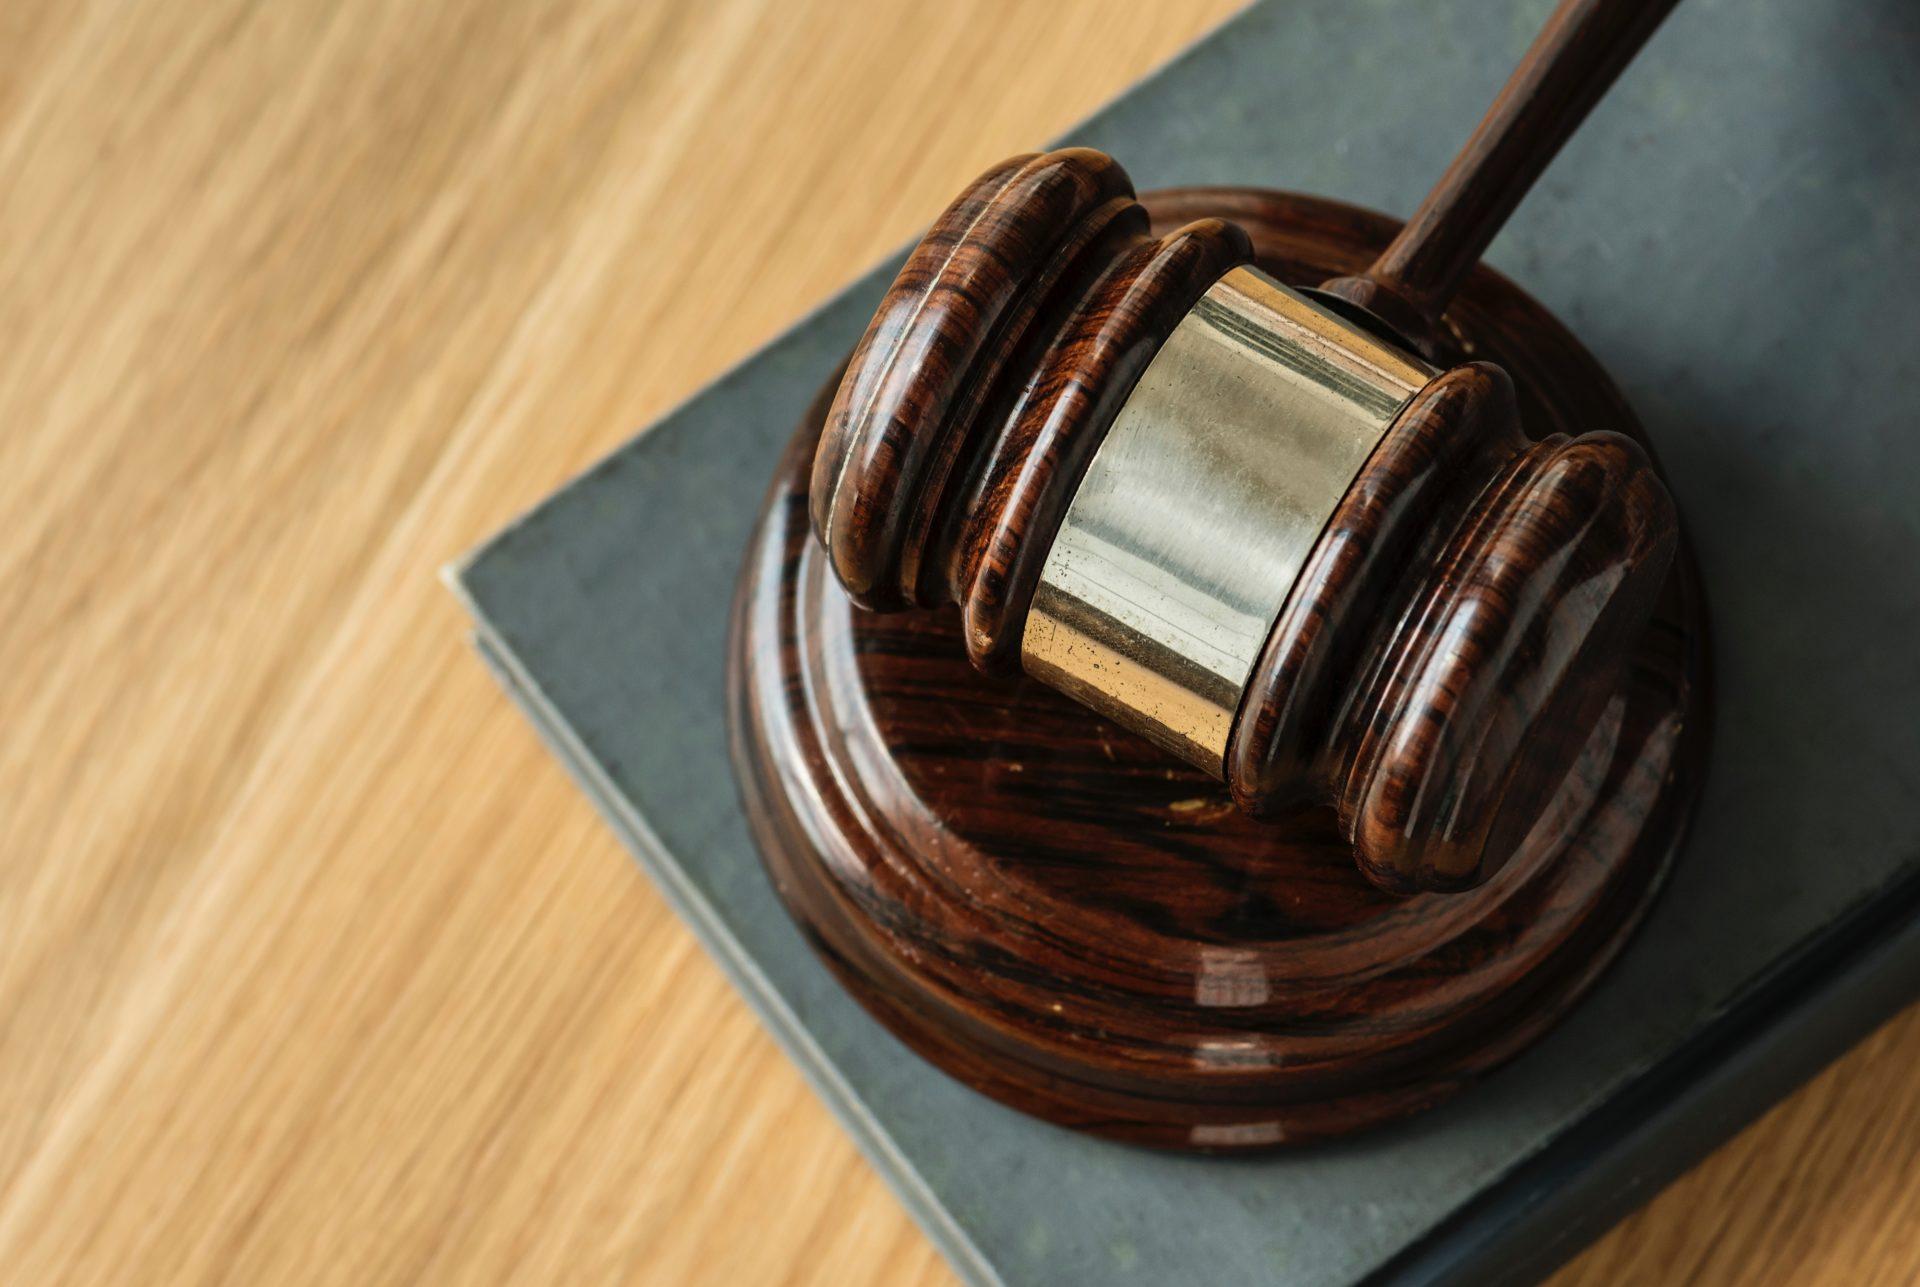 Crypto Startup Blockchain Takes Fraudulent ICO To Court 13